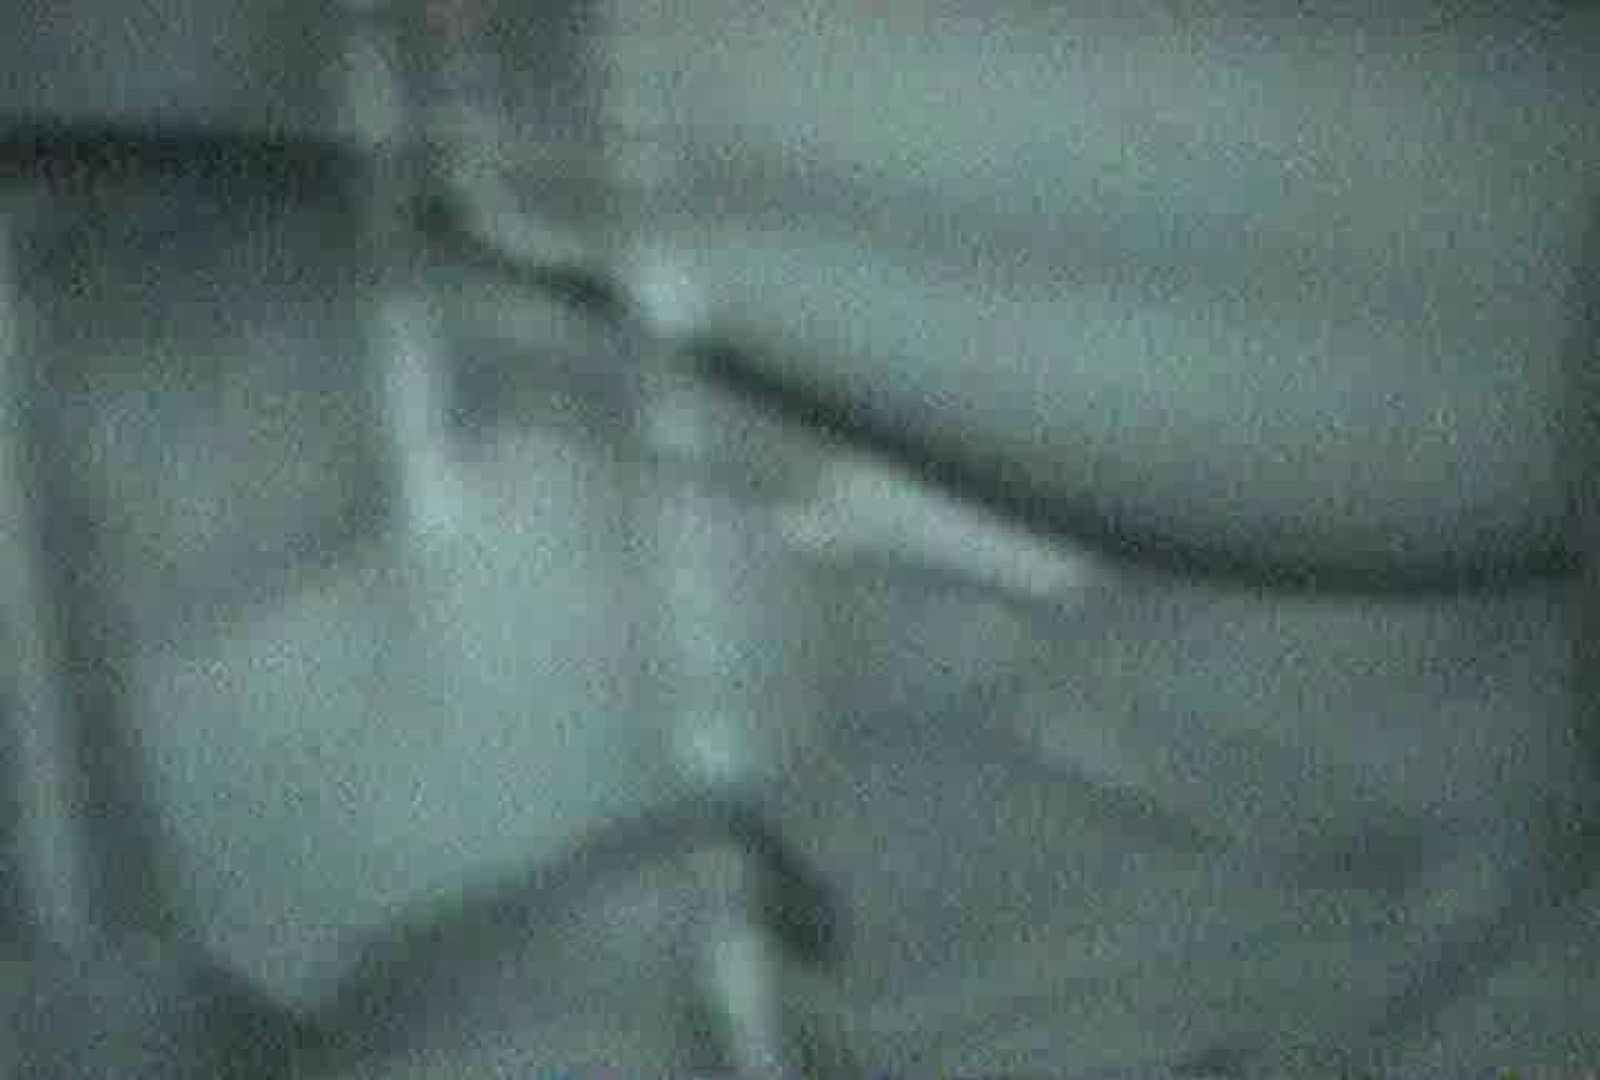 充血監督の深夜の運動会Vol.48 小悪魔ギャル ワレメ無修正動画無料 63連発 14